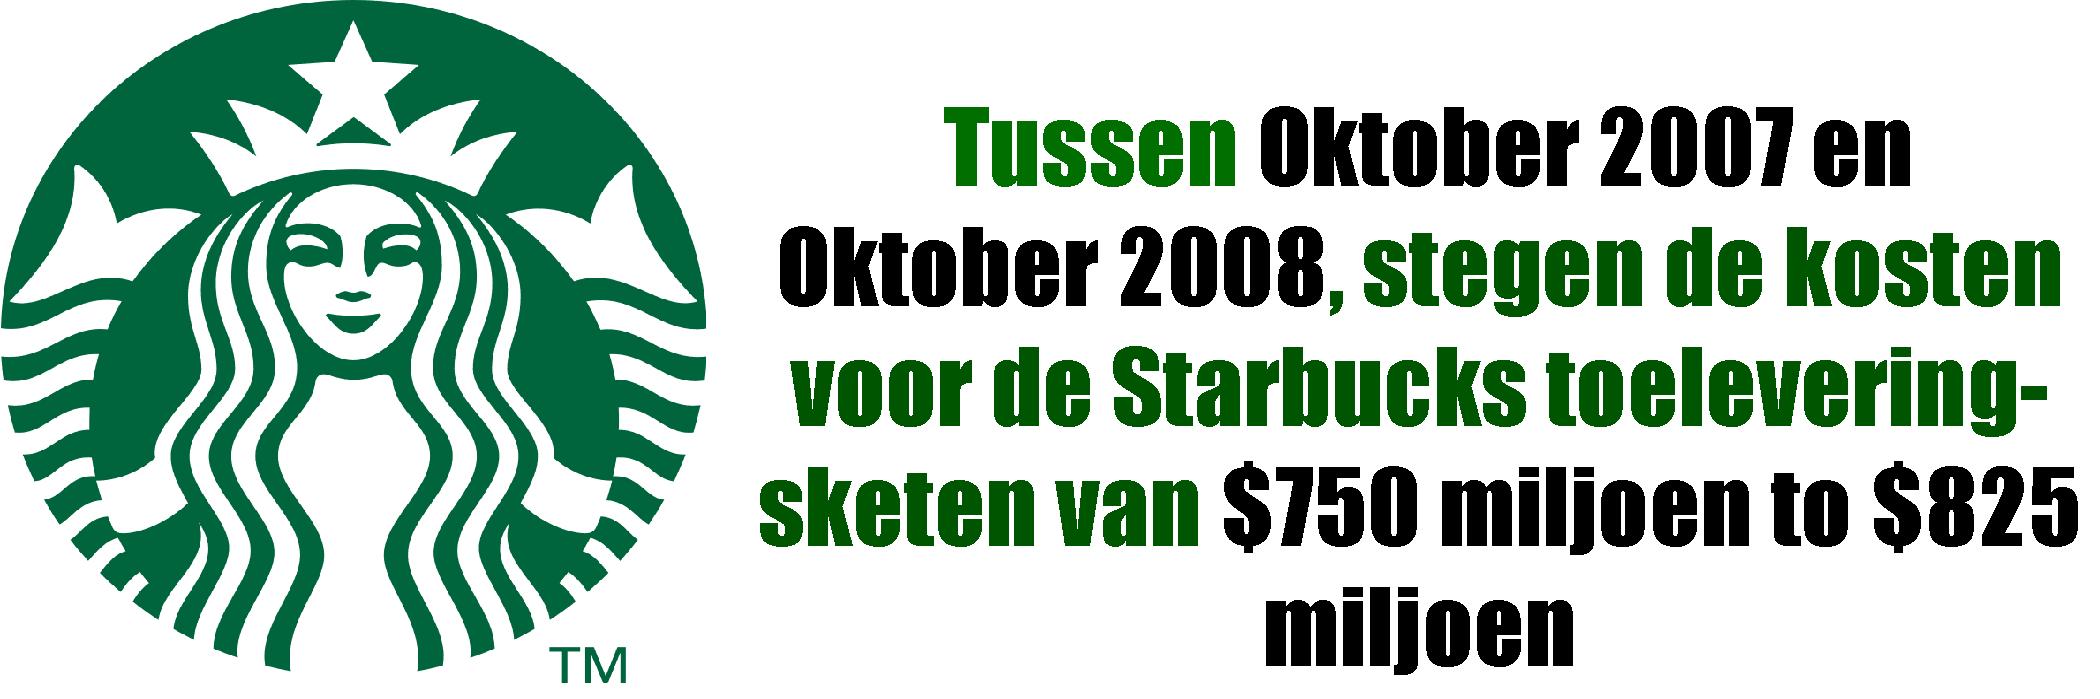 Starbucks-logo met een tekst die aangeeft dat de kosten tussen oktober 2007 en oktober 2008 sterk stegen